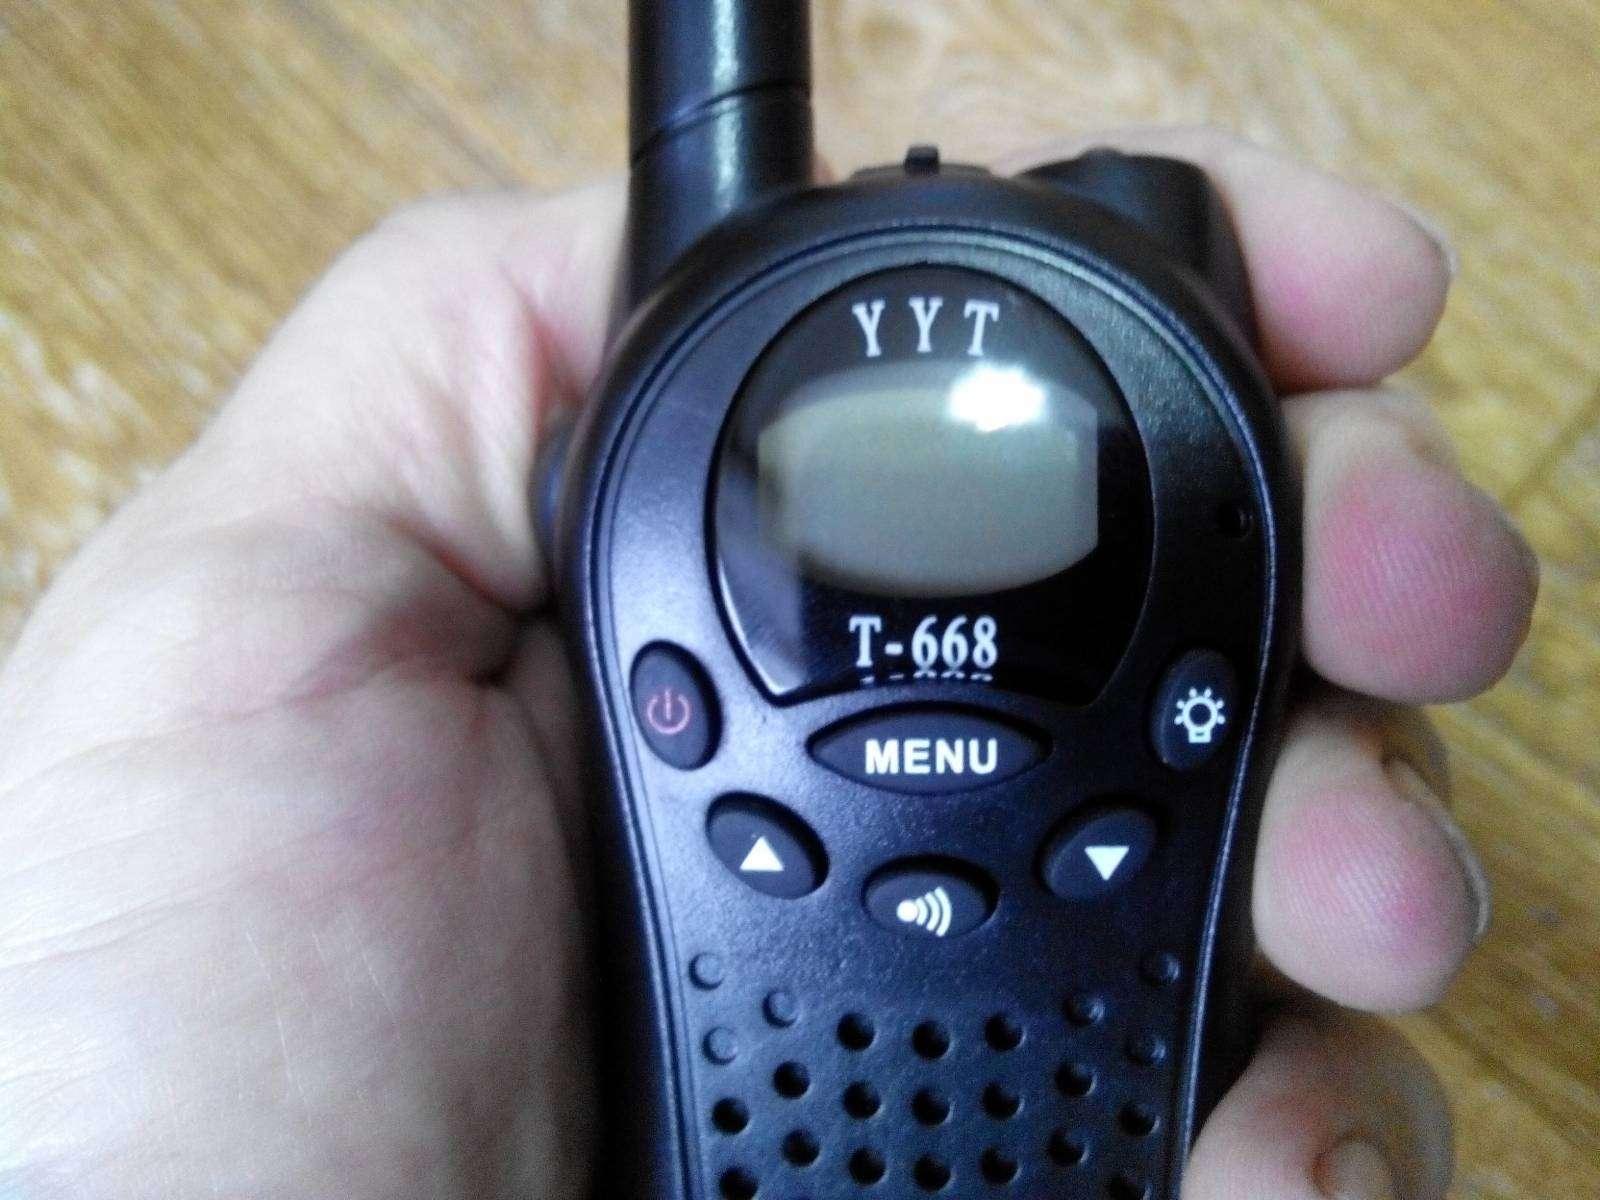 GearBest: Мини-рации YYT T-668 (Walkie Talkie)